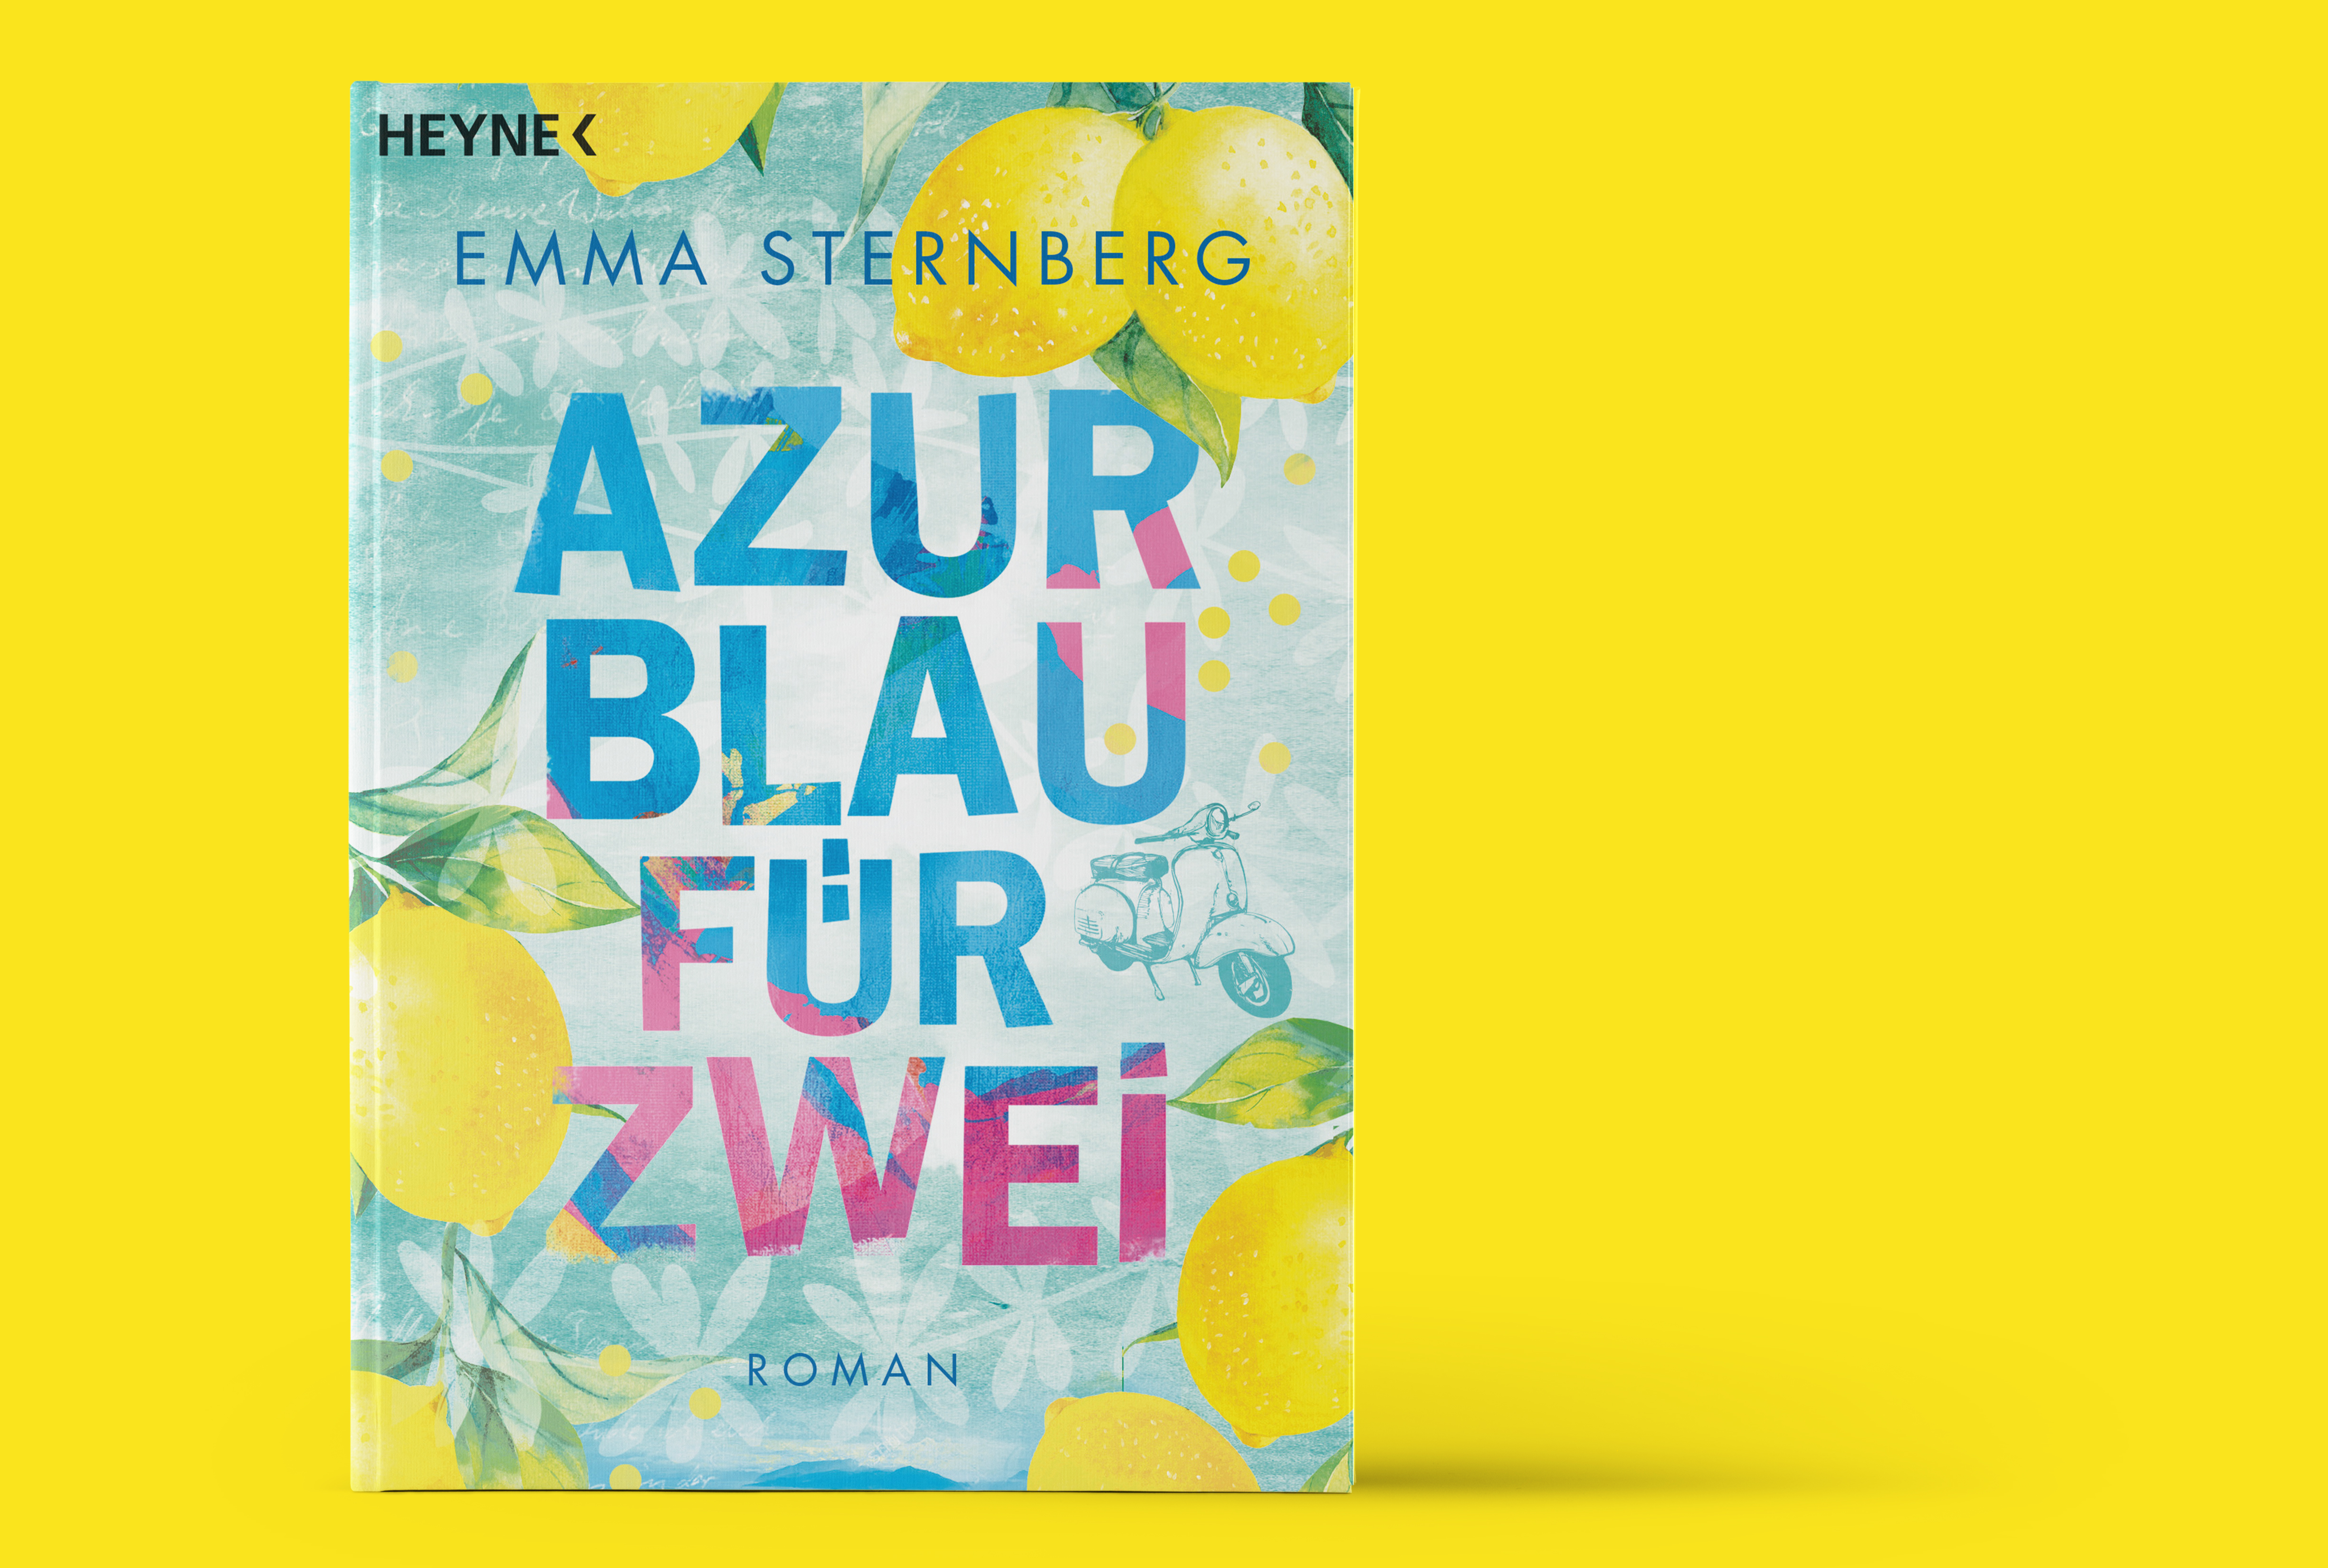 Azurblau für zwei – Emma Sternberg – Von problematischen Beziehungen